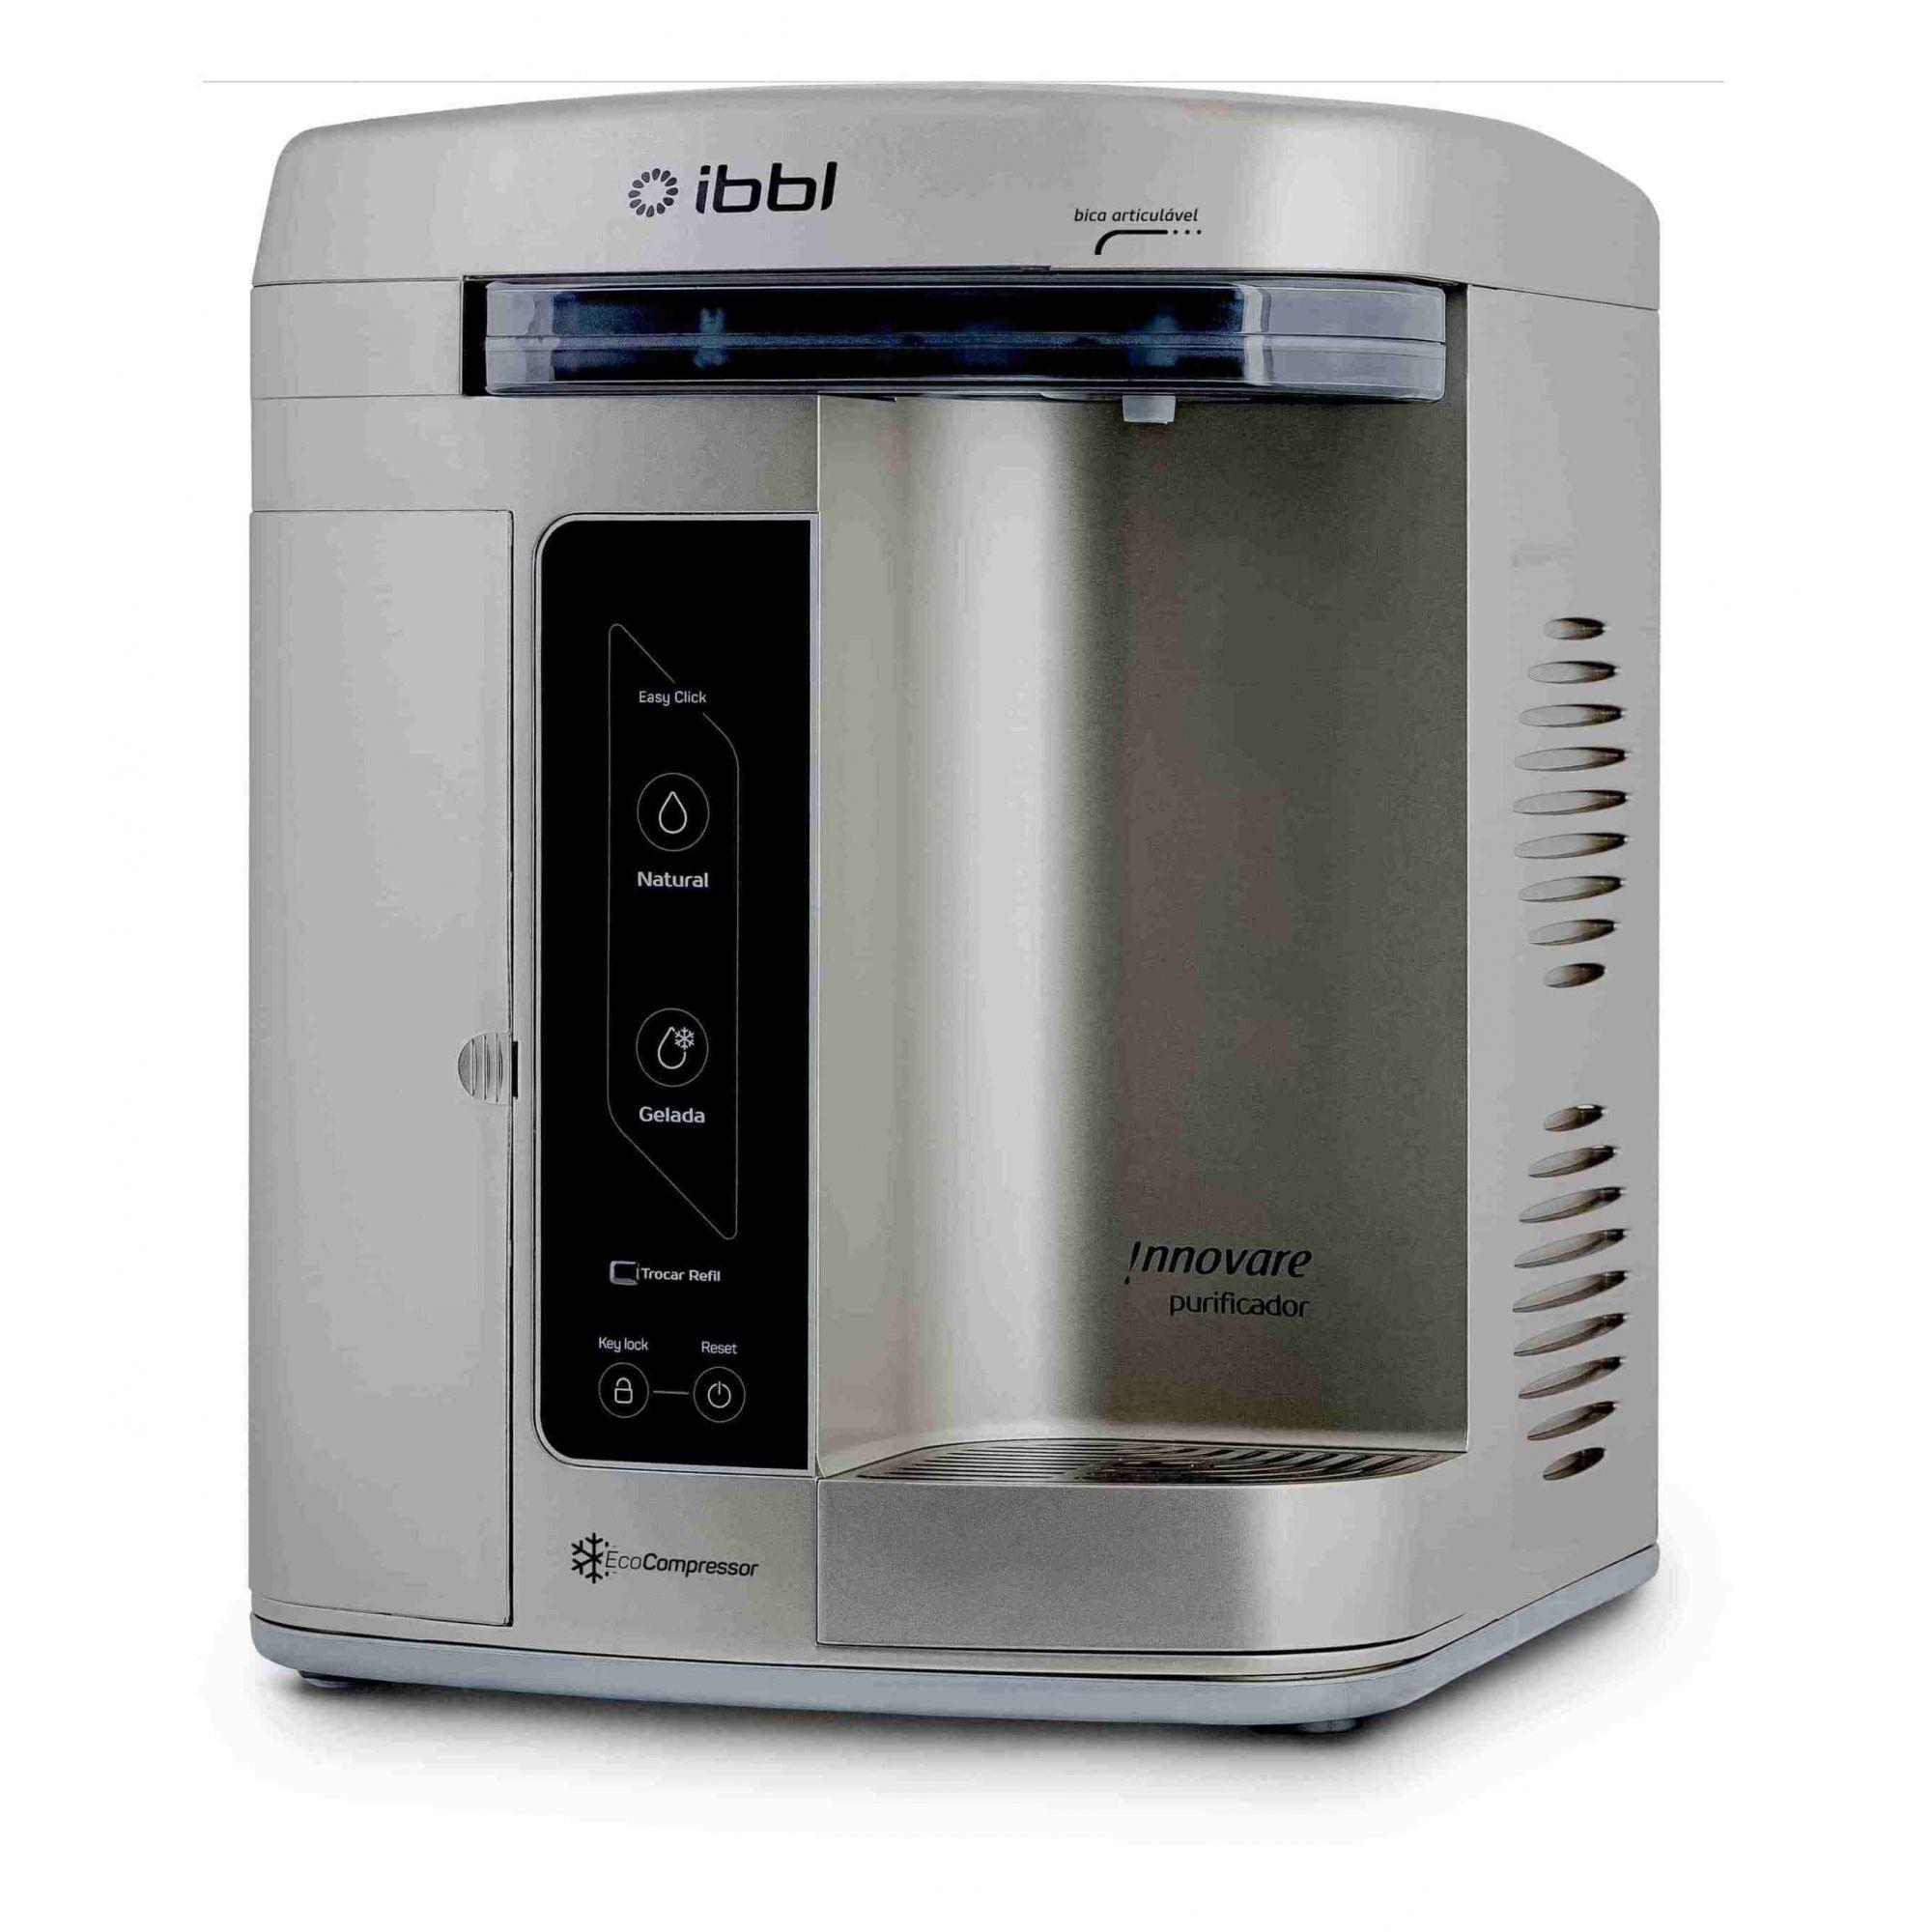 Purificador Ibbl Innovare Prata - 5807